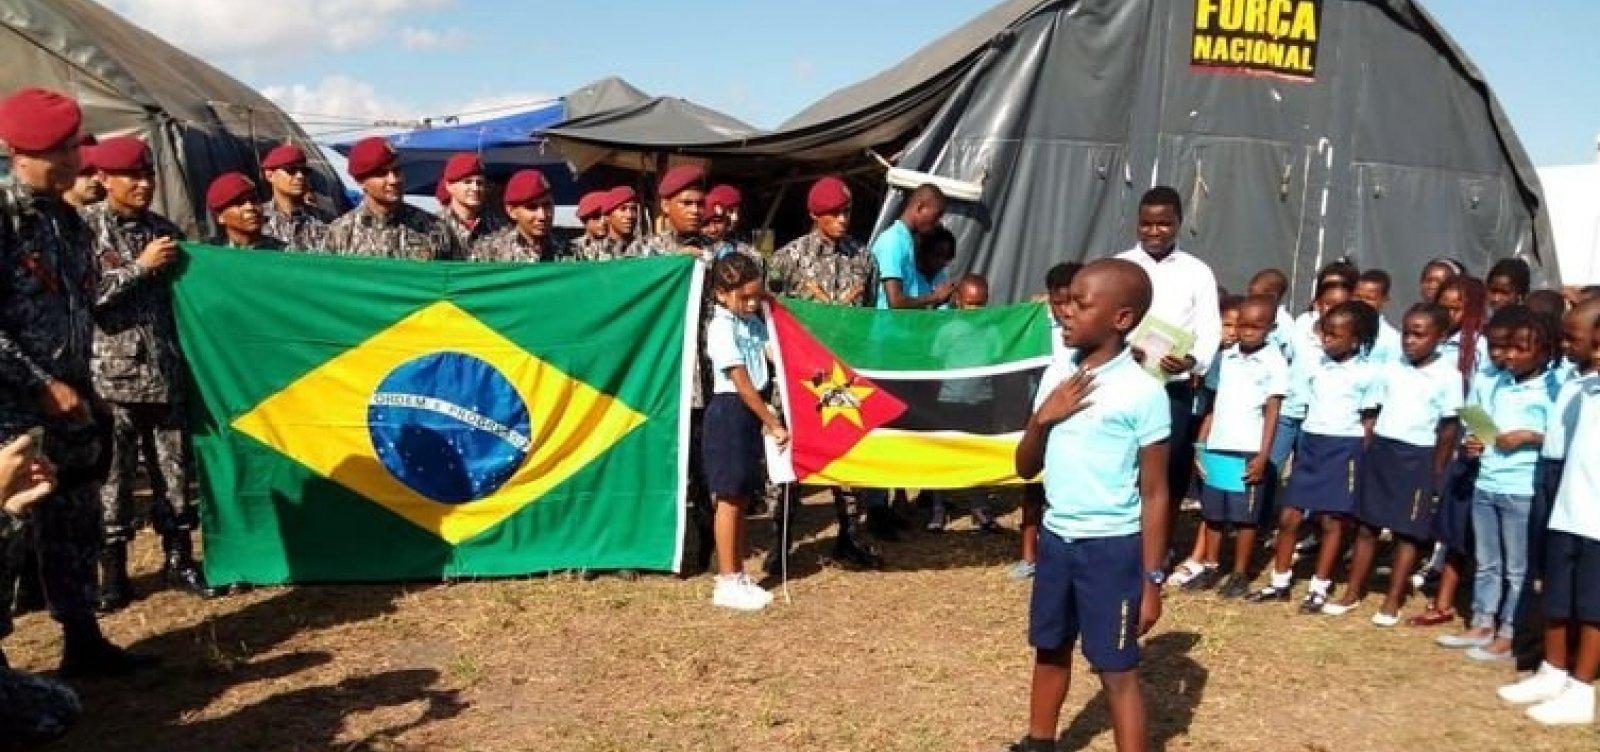 Força Nacional permanece em Moçambique até junho